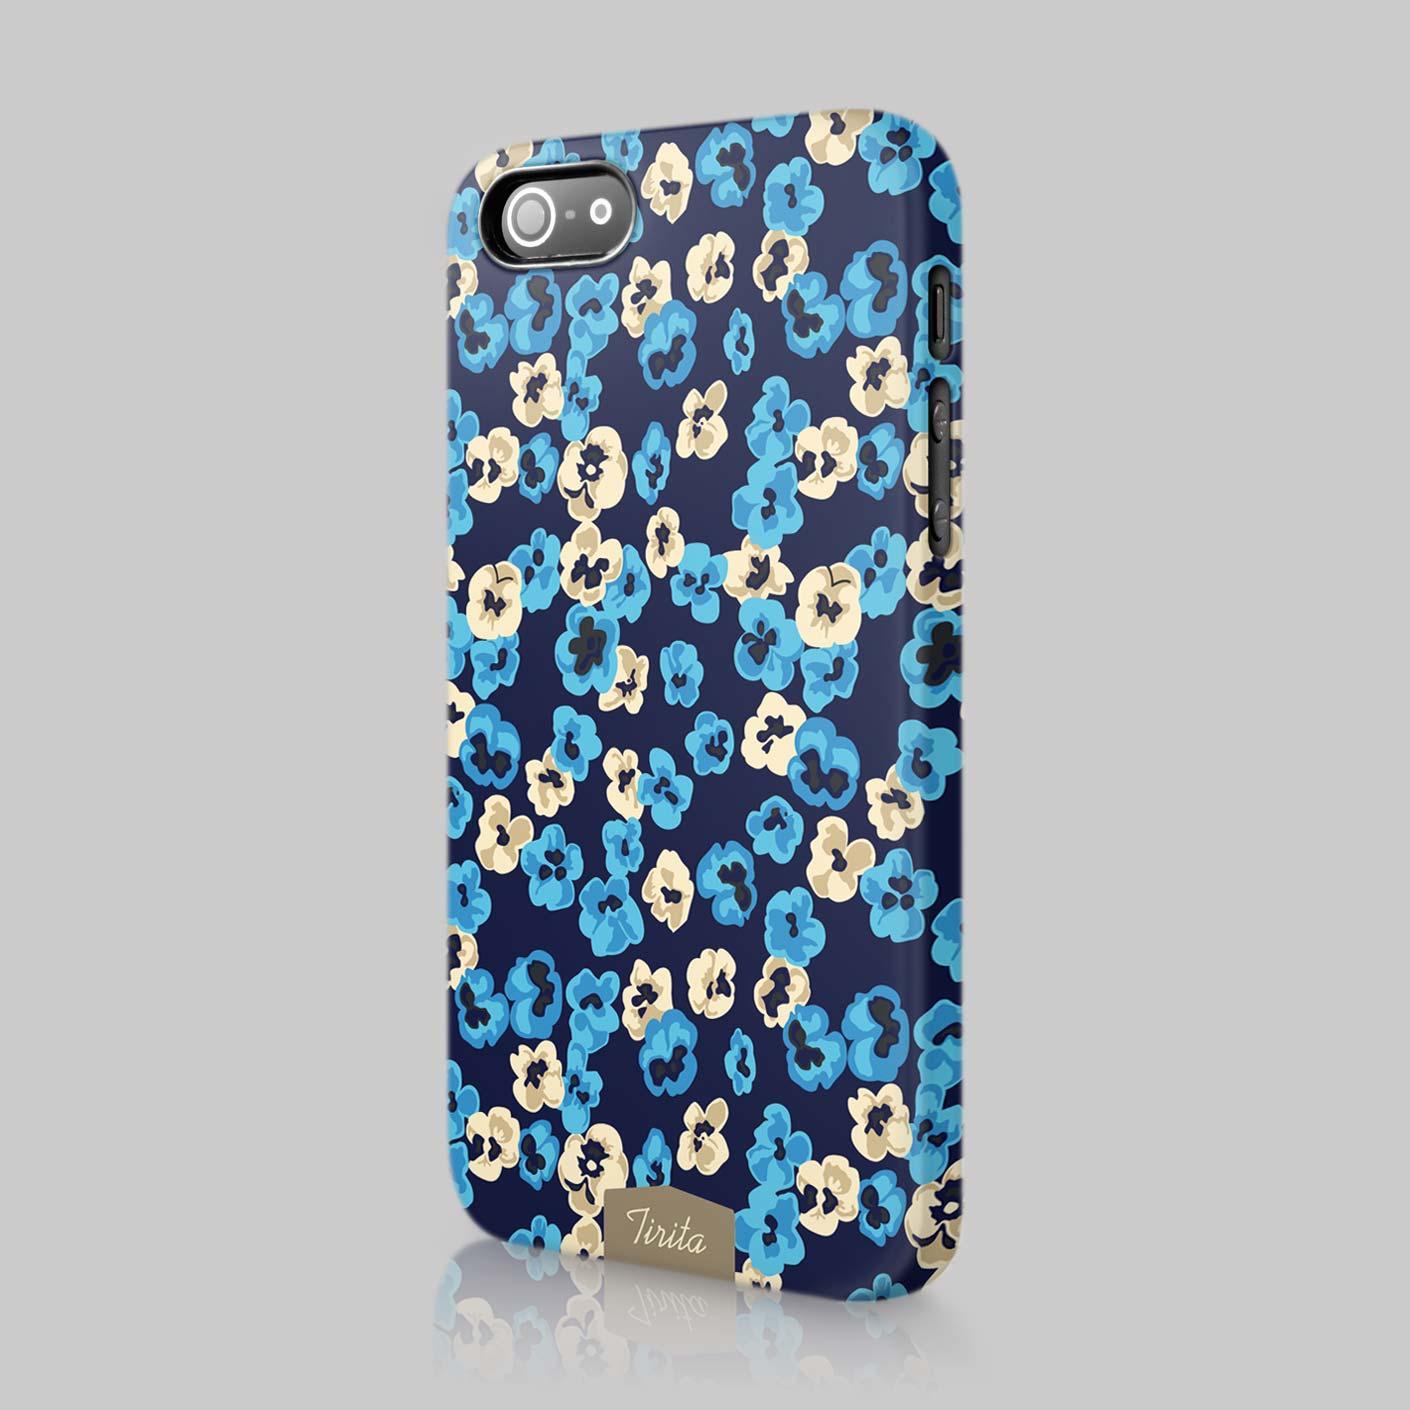 tirita iphone 6 case